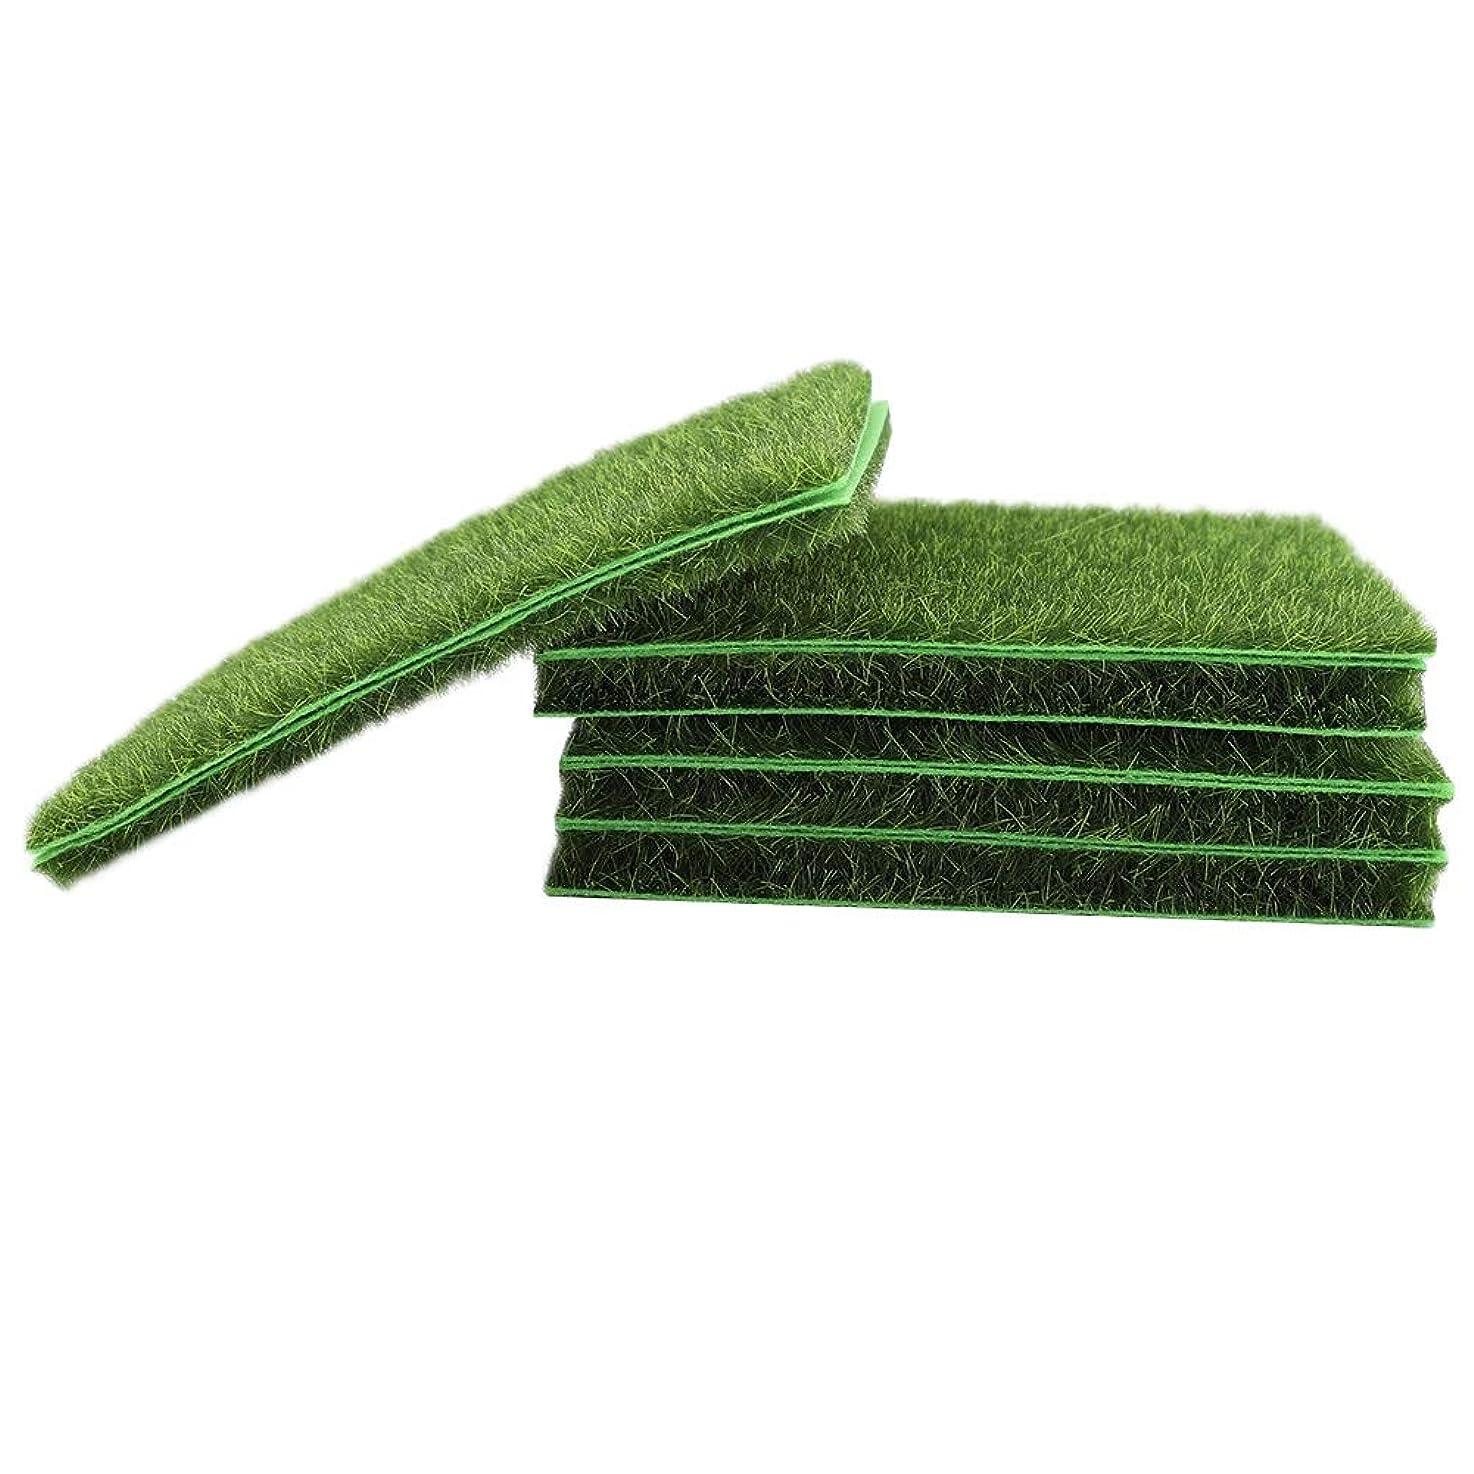 リハーサル降ろすスプレー人工芝、10個プレミアム屋外人工芝マット芝生敷物犬草パッド芝生庭マイクロ風景飾り